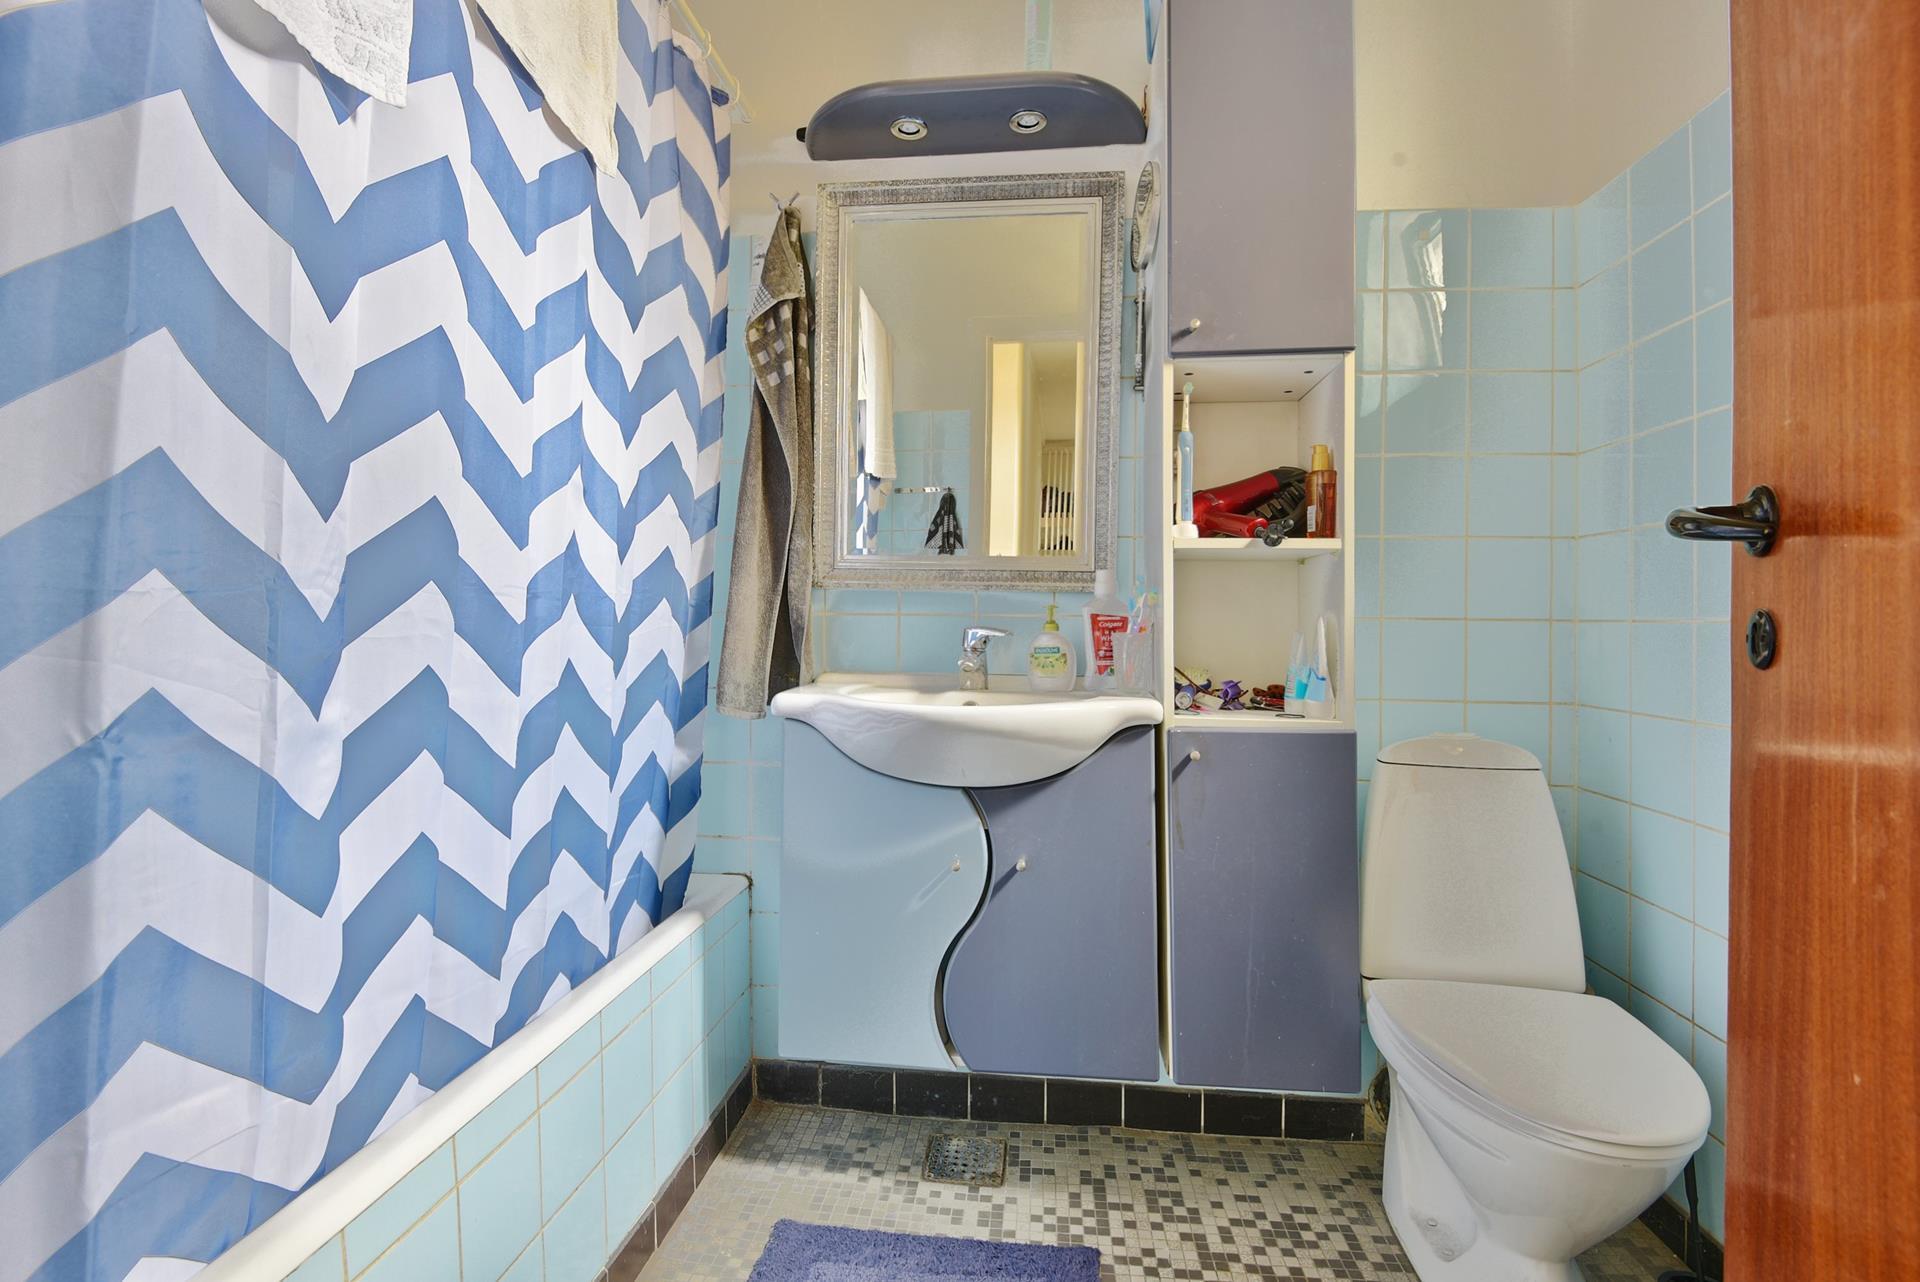 Bolig/erhverv på Nygade i Gråsten - Badeværelse